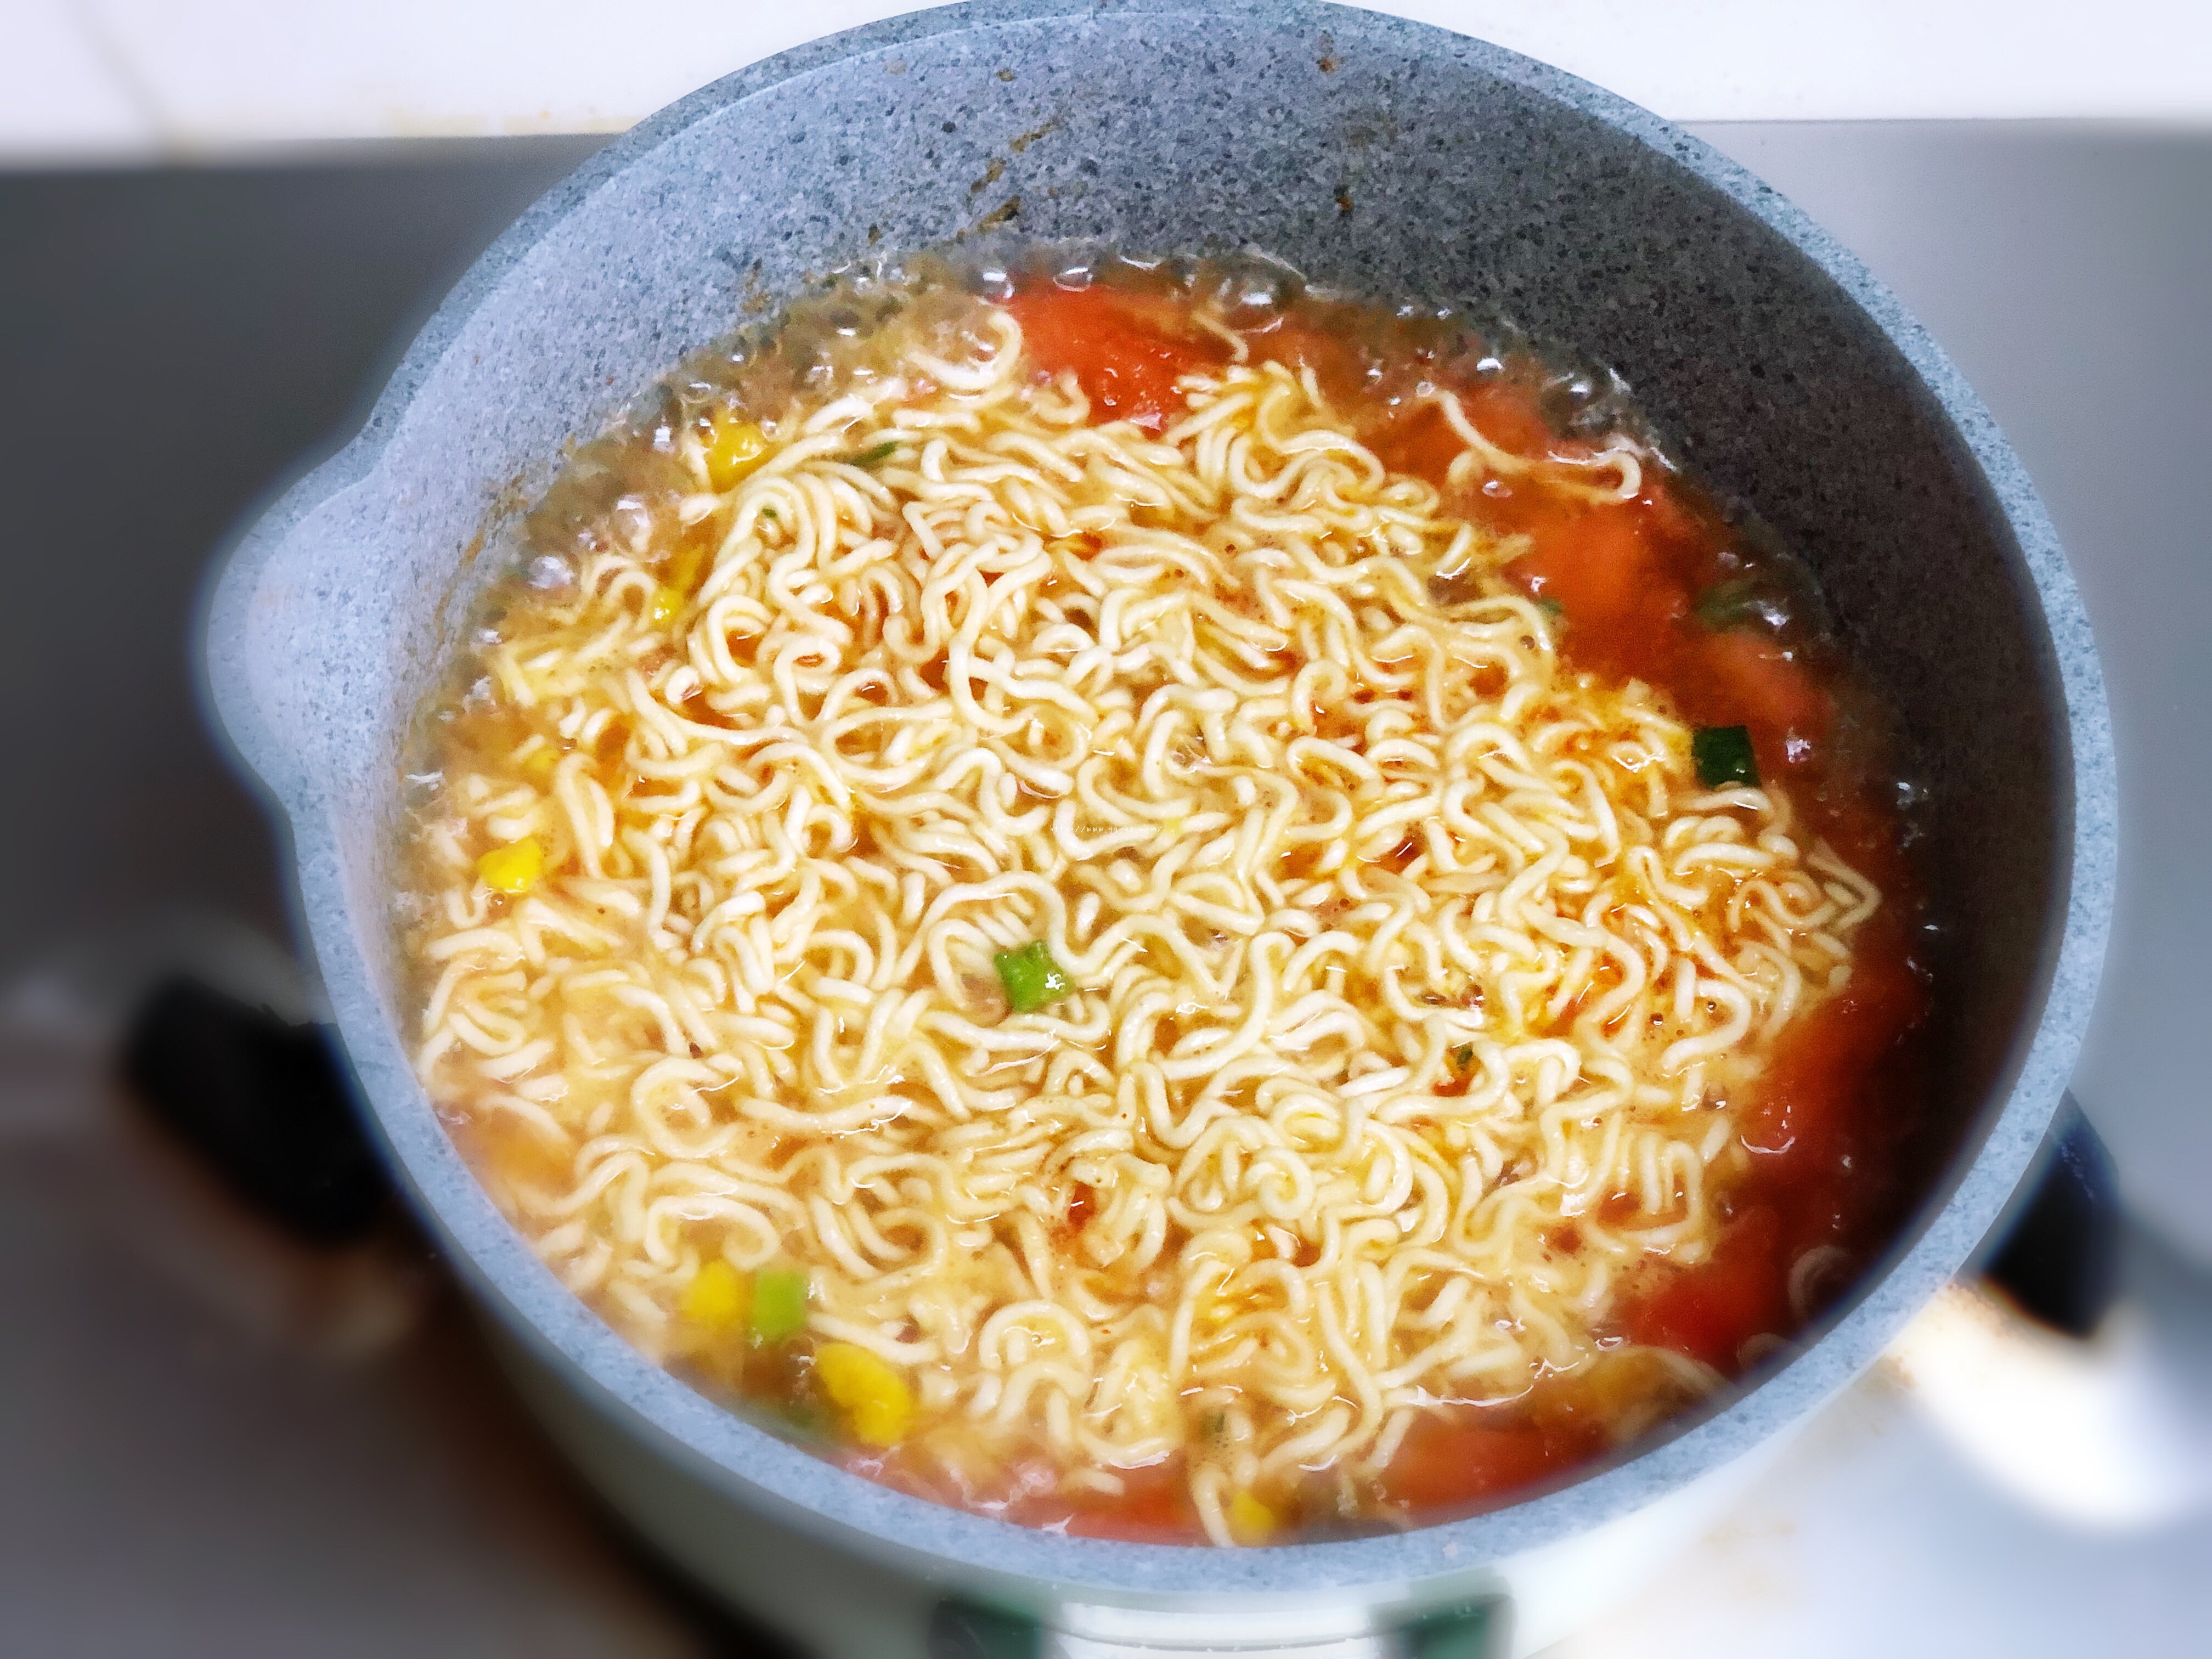 超好吃的西红柿浓汤泡面的做法 步骤6